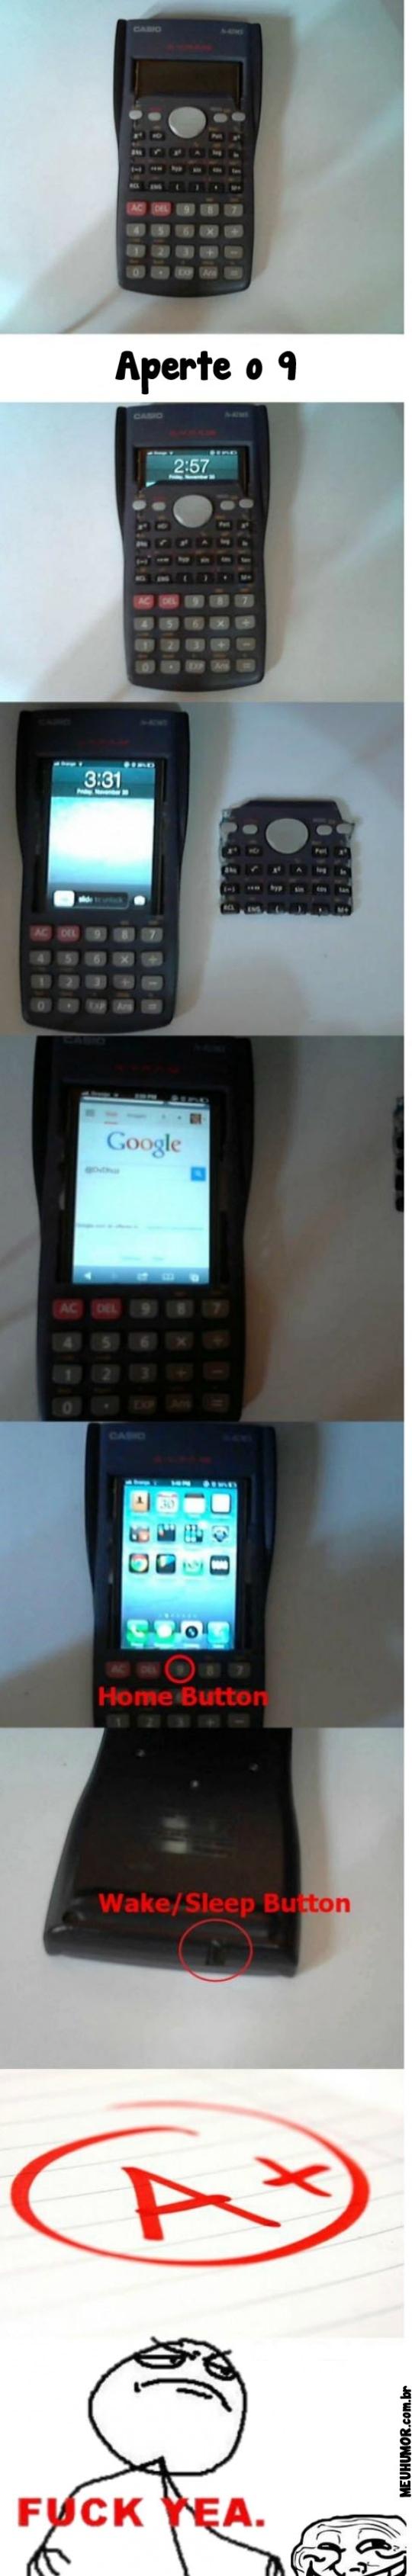 celularcalculadora